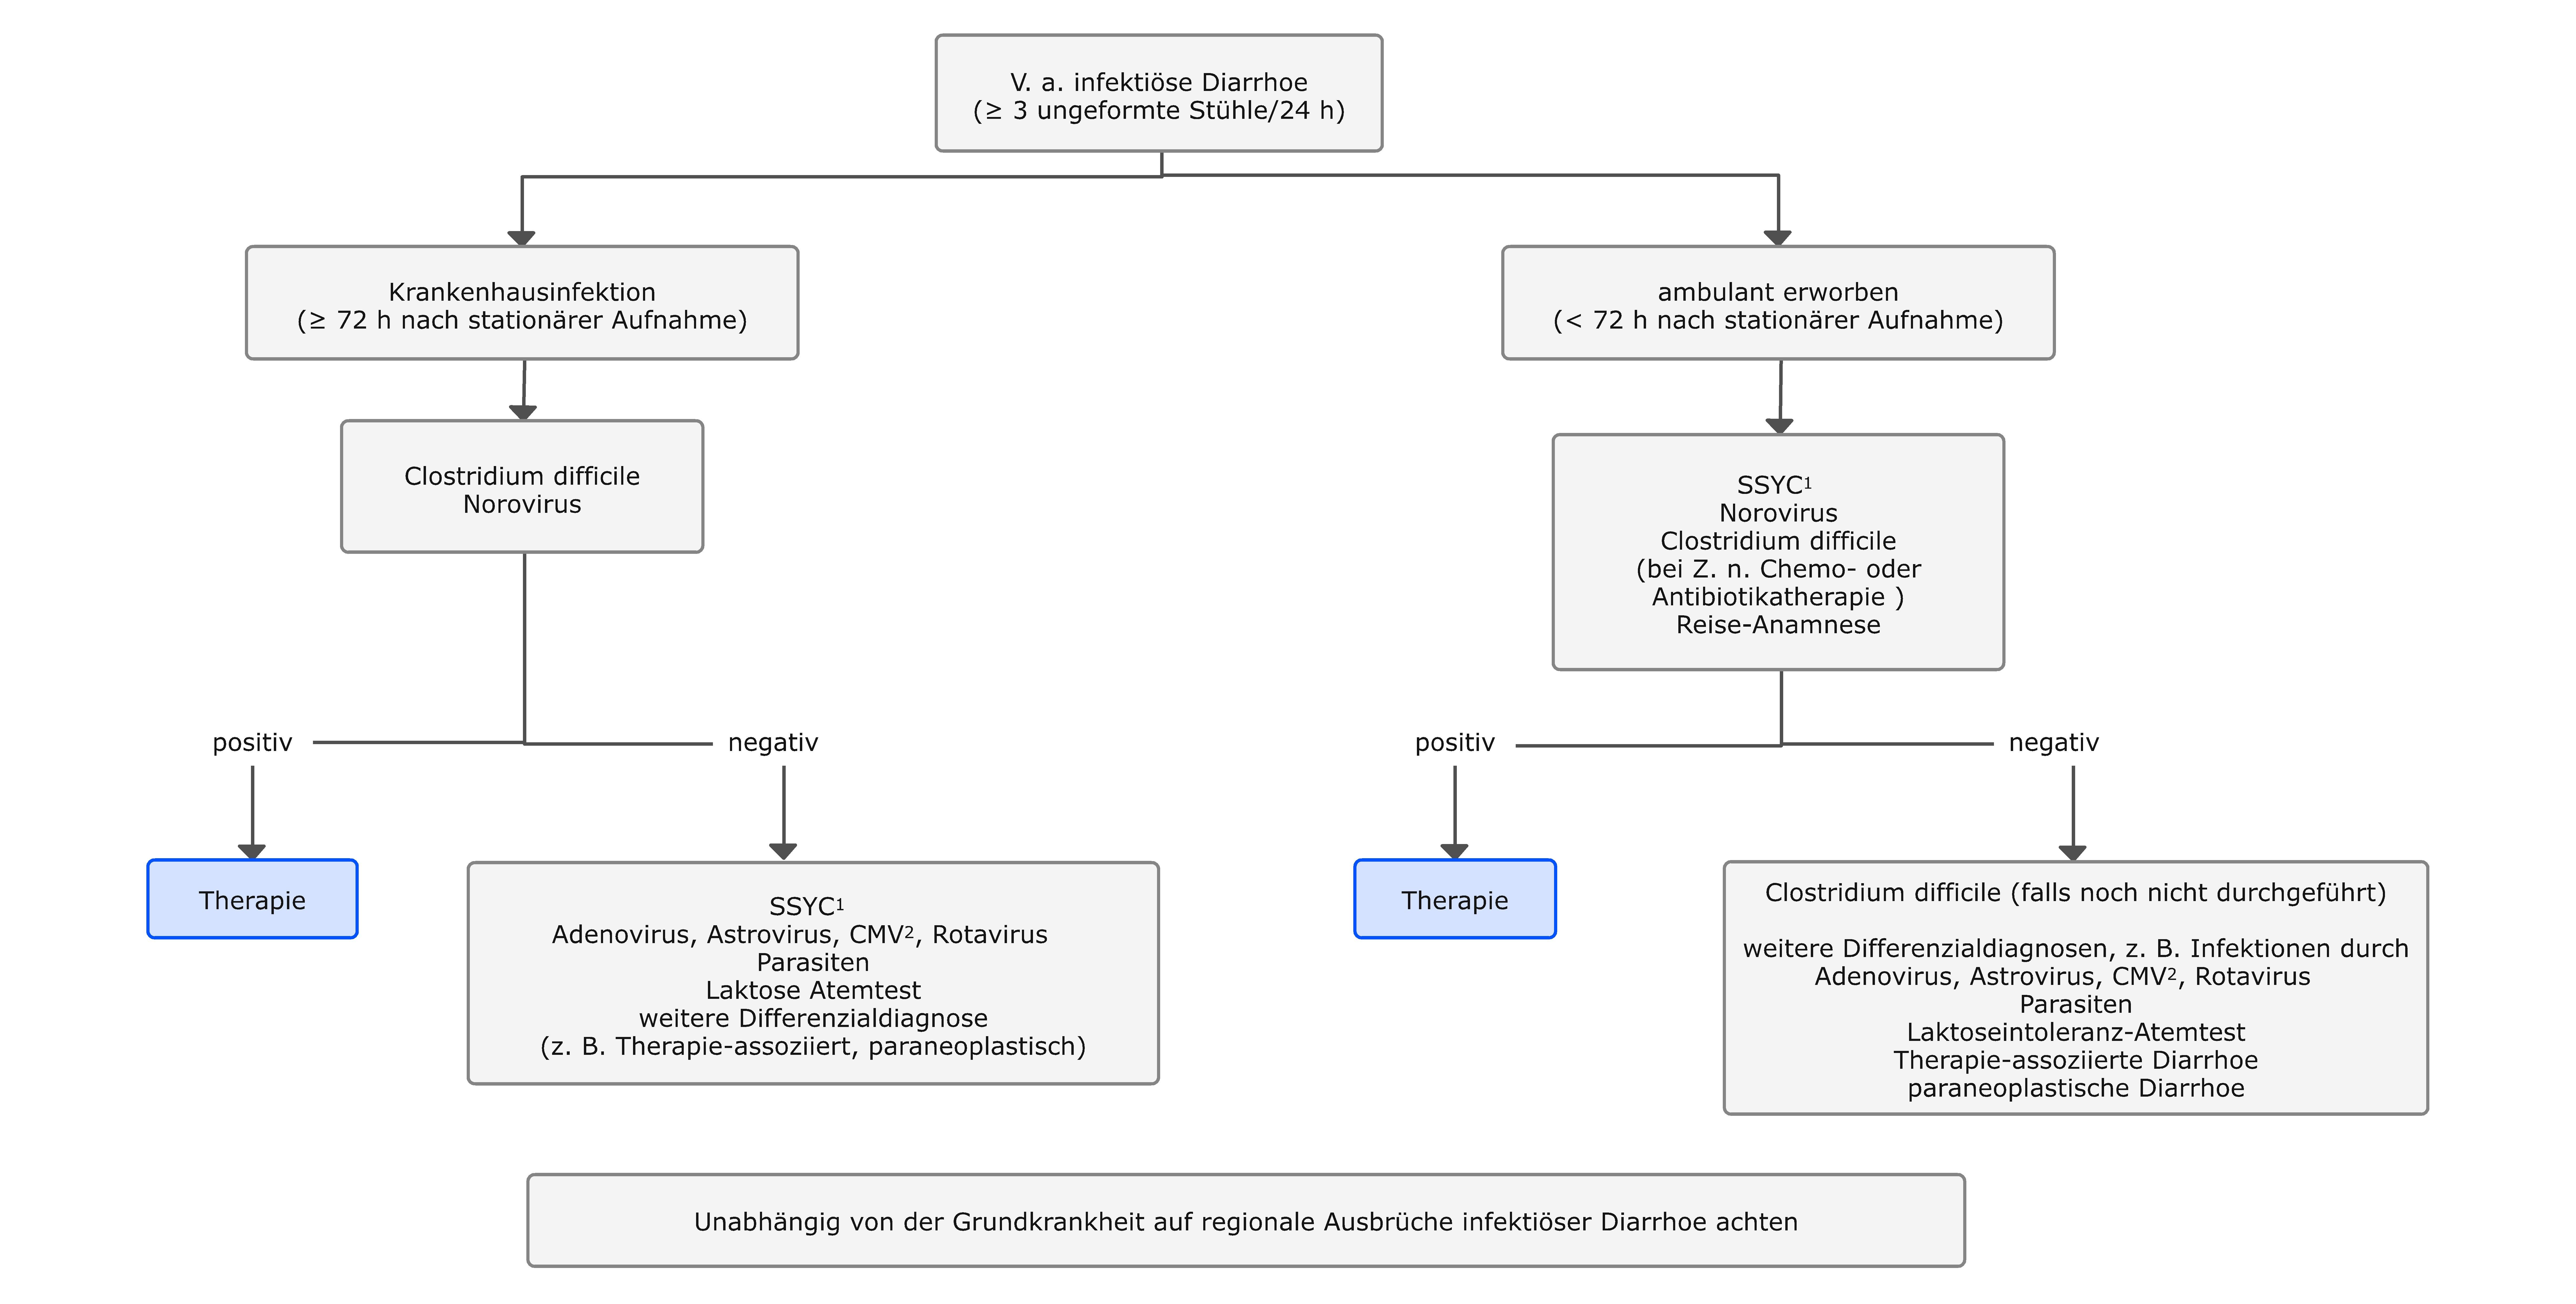 Diagnostisches Vorgehen bei V. a. infektiöse Diarrhoe